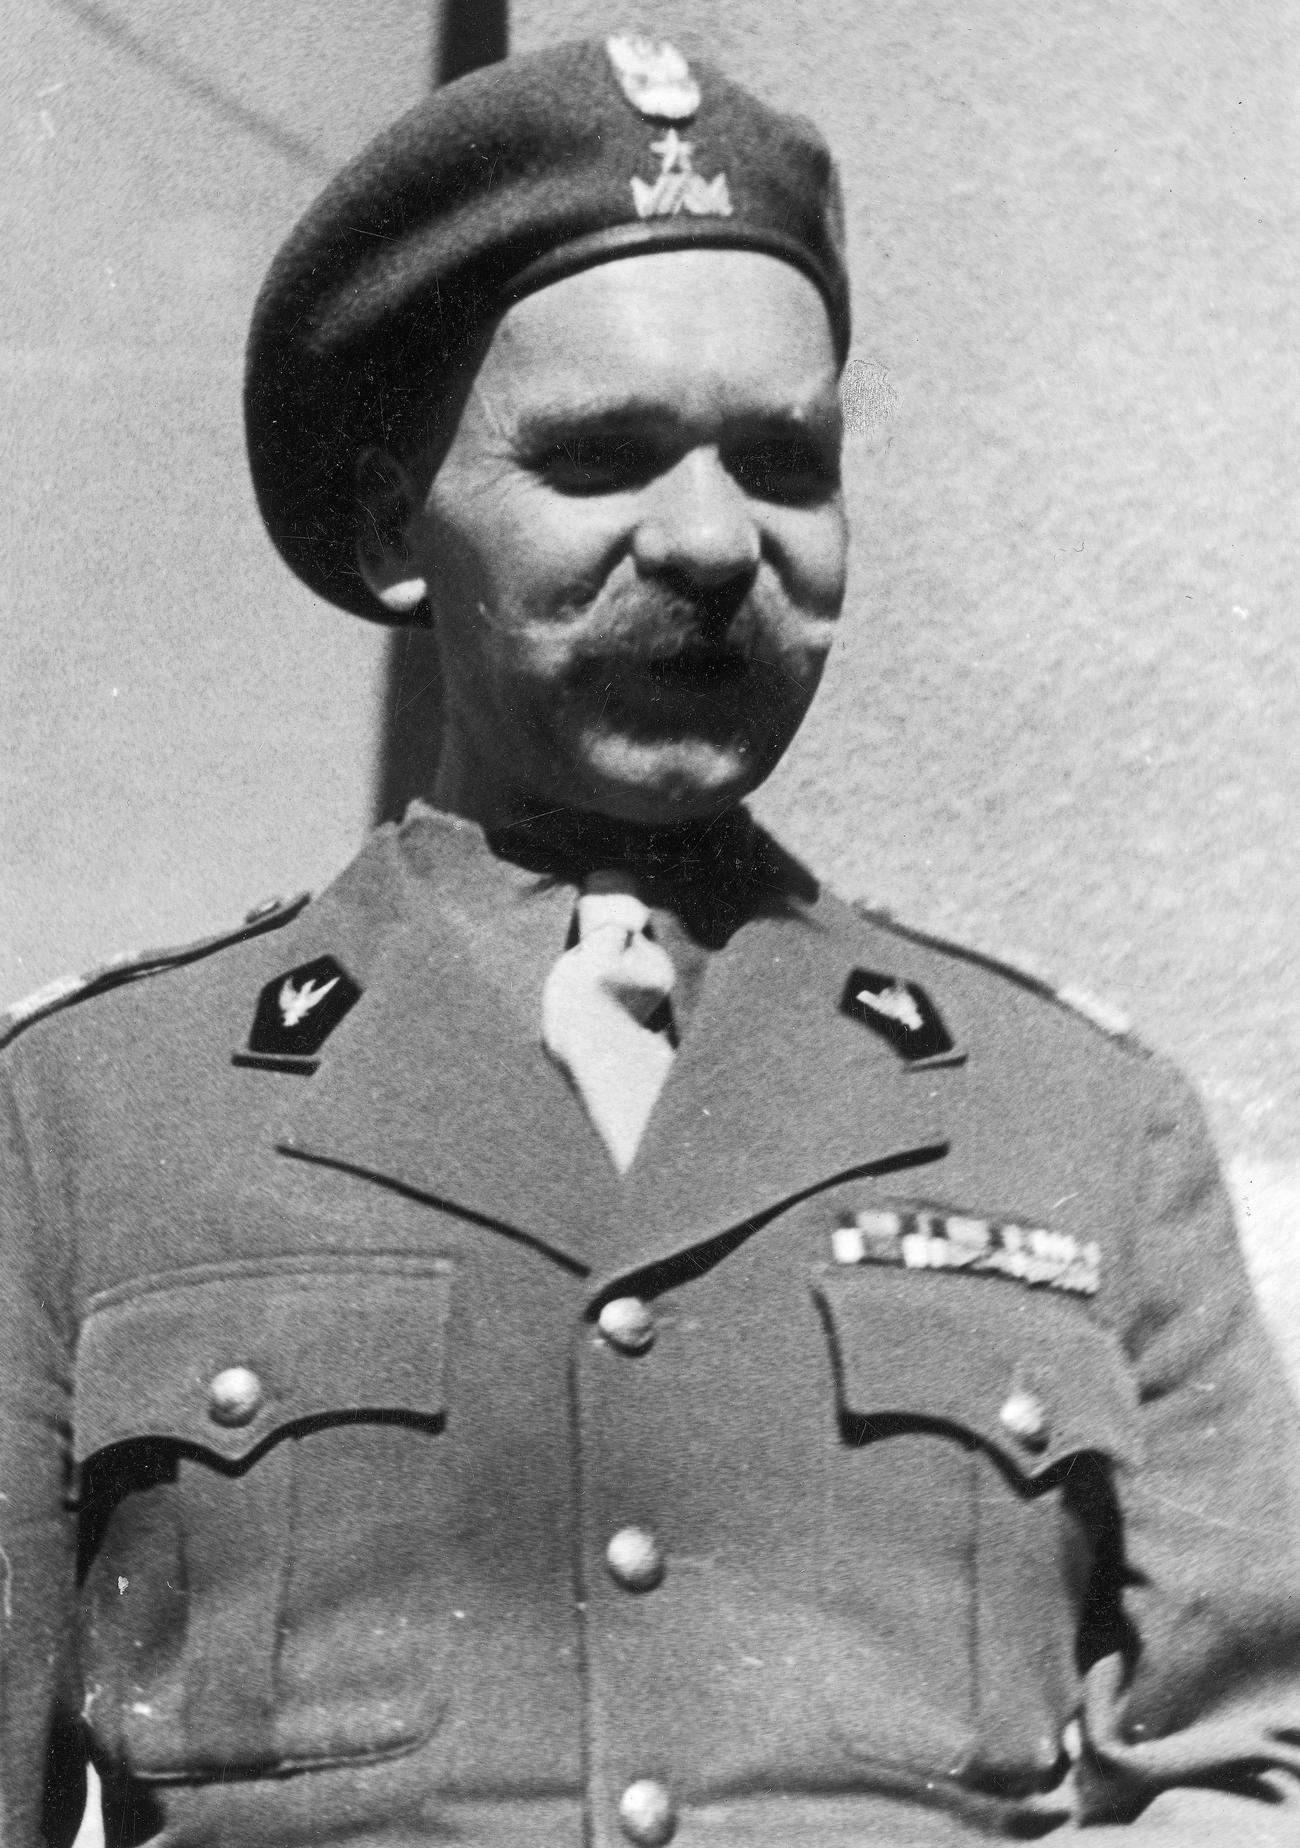 Dowódca 5 Kresowej Dywizji Piechoty generał Nikodem Sulik.